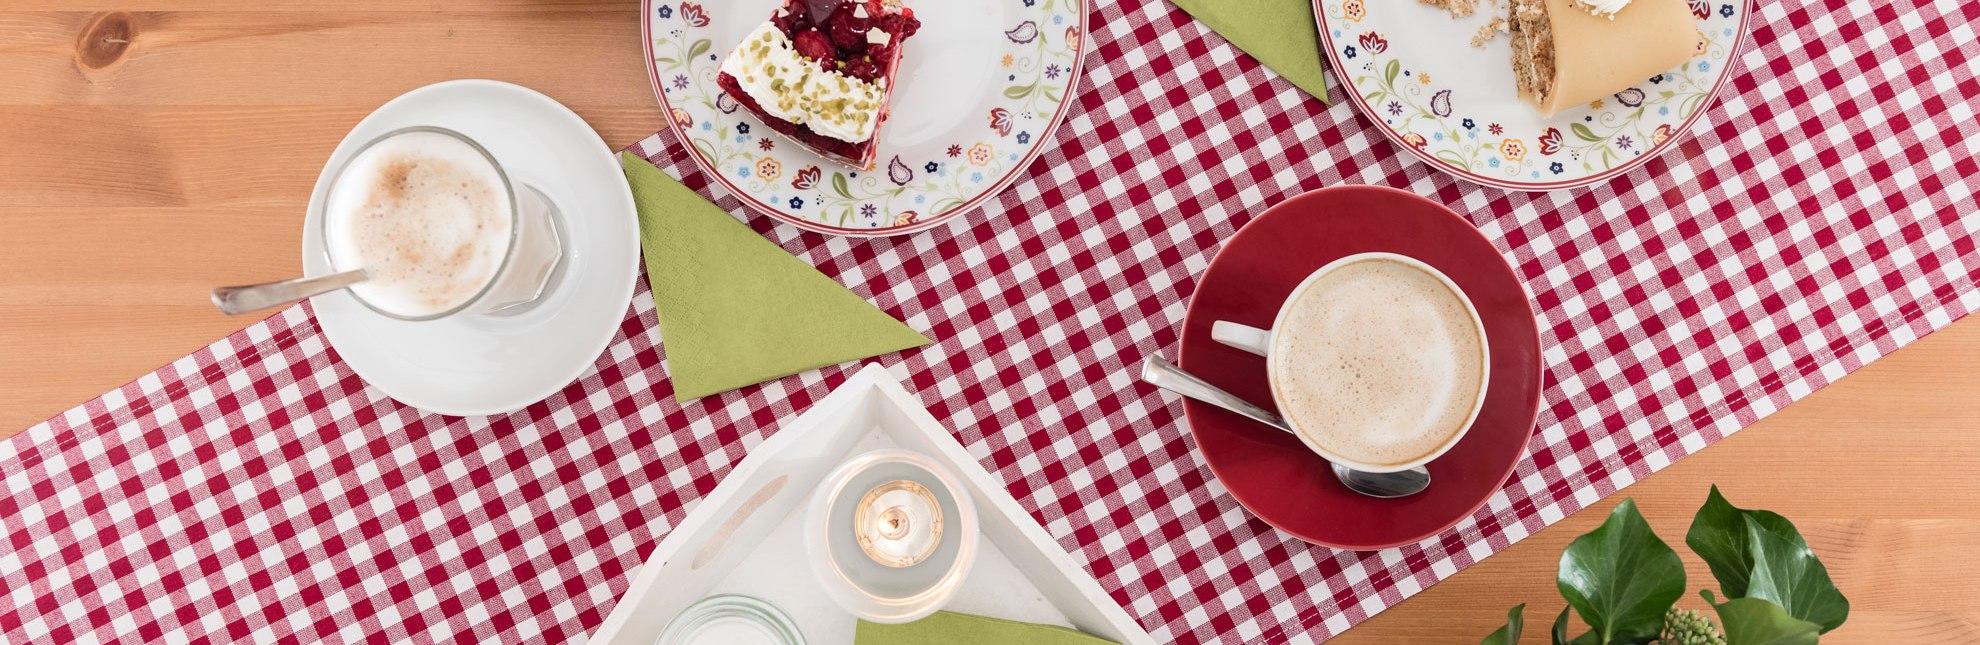 Duftender Kaffee und leckerer Kuchen im Herzogtum Lauenburg., © Markus Tiemann/HLMS